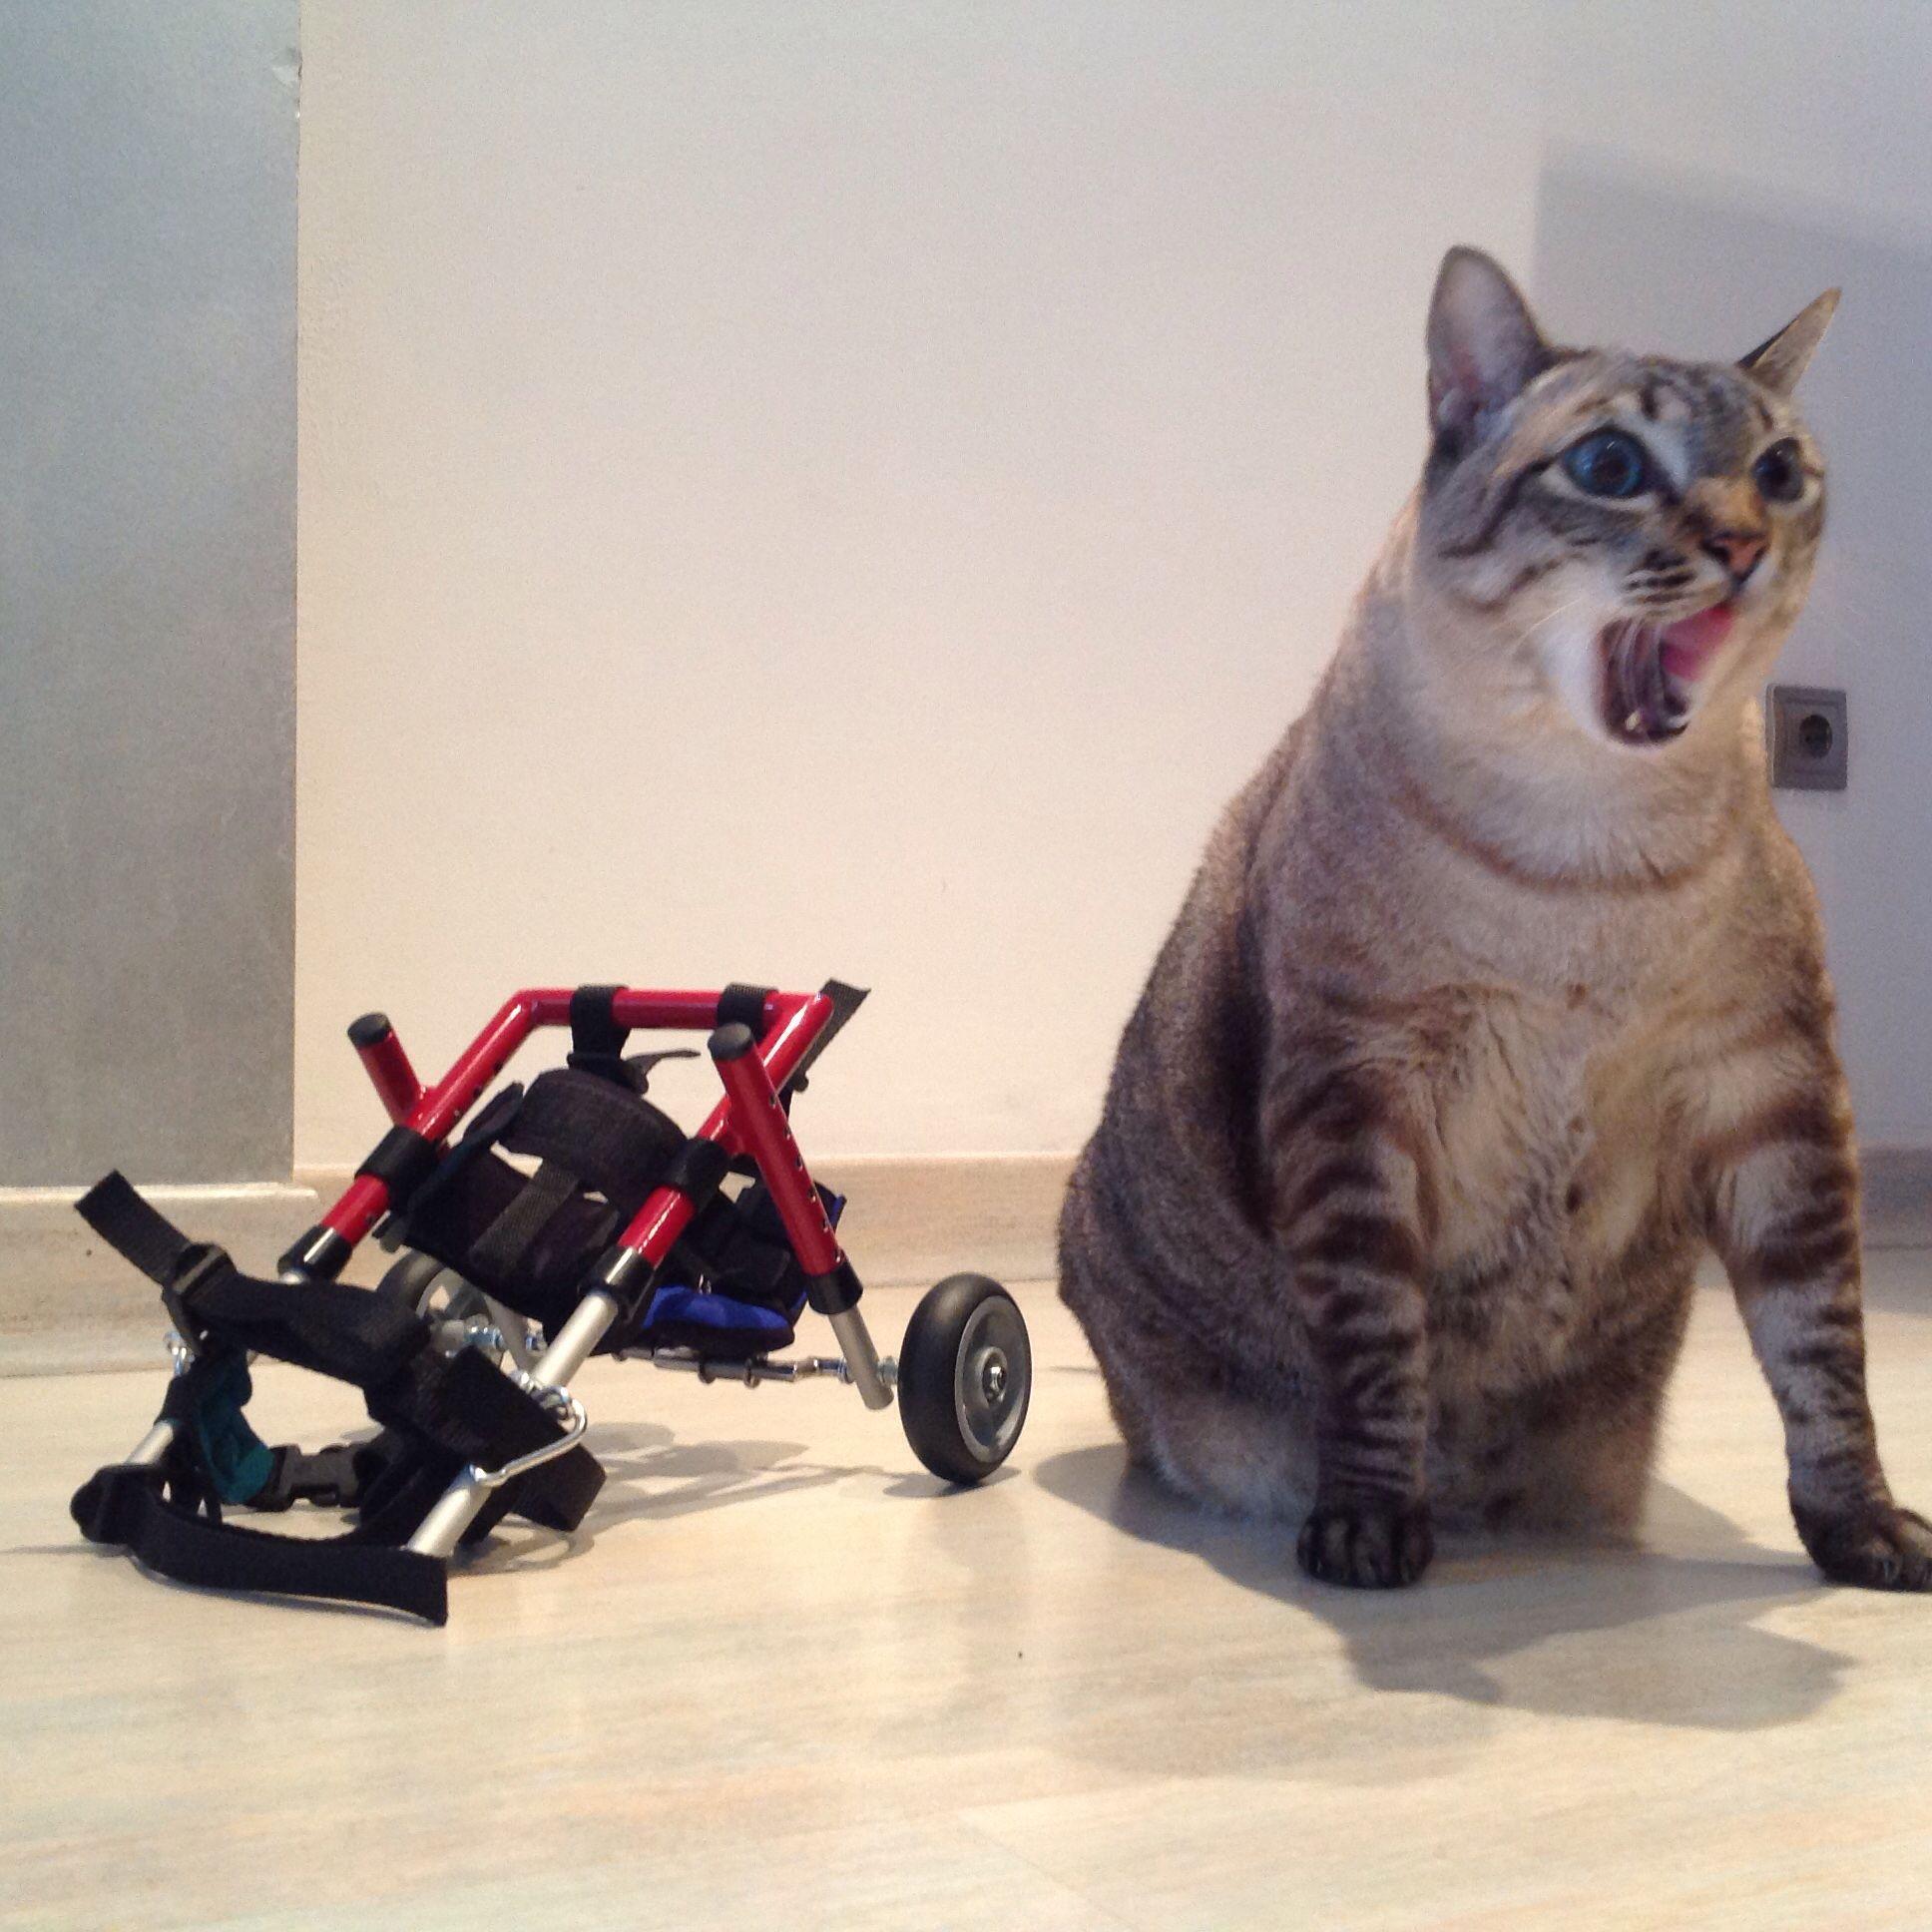 Silla De Ruedas Mini Gato Gigante Sillita De Ruedas Pequena Carro Para Perros Pequenos Ortope Silla De Ruedas Para Perro Perros Pequenos Perros